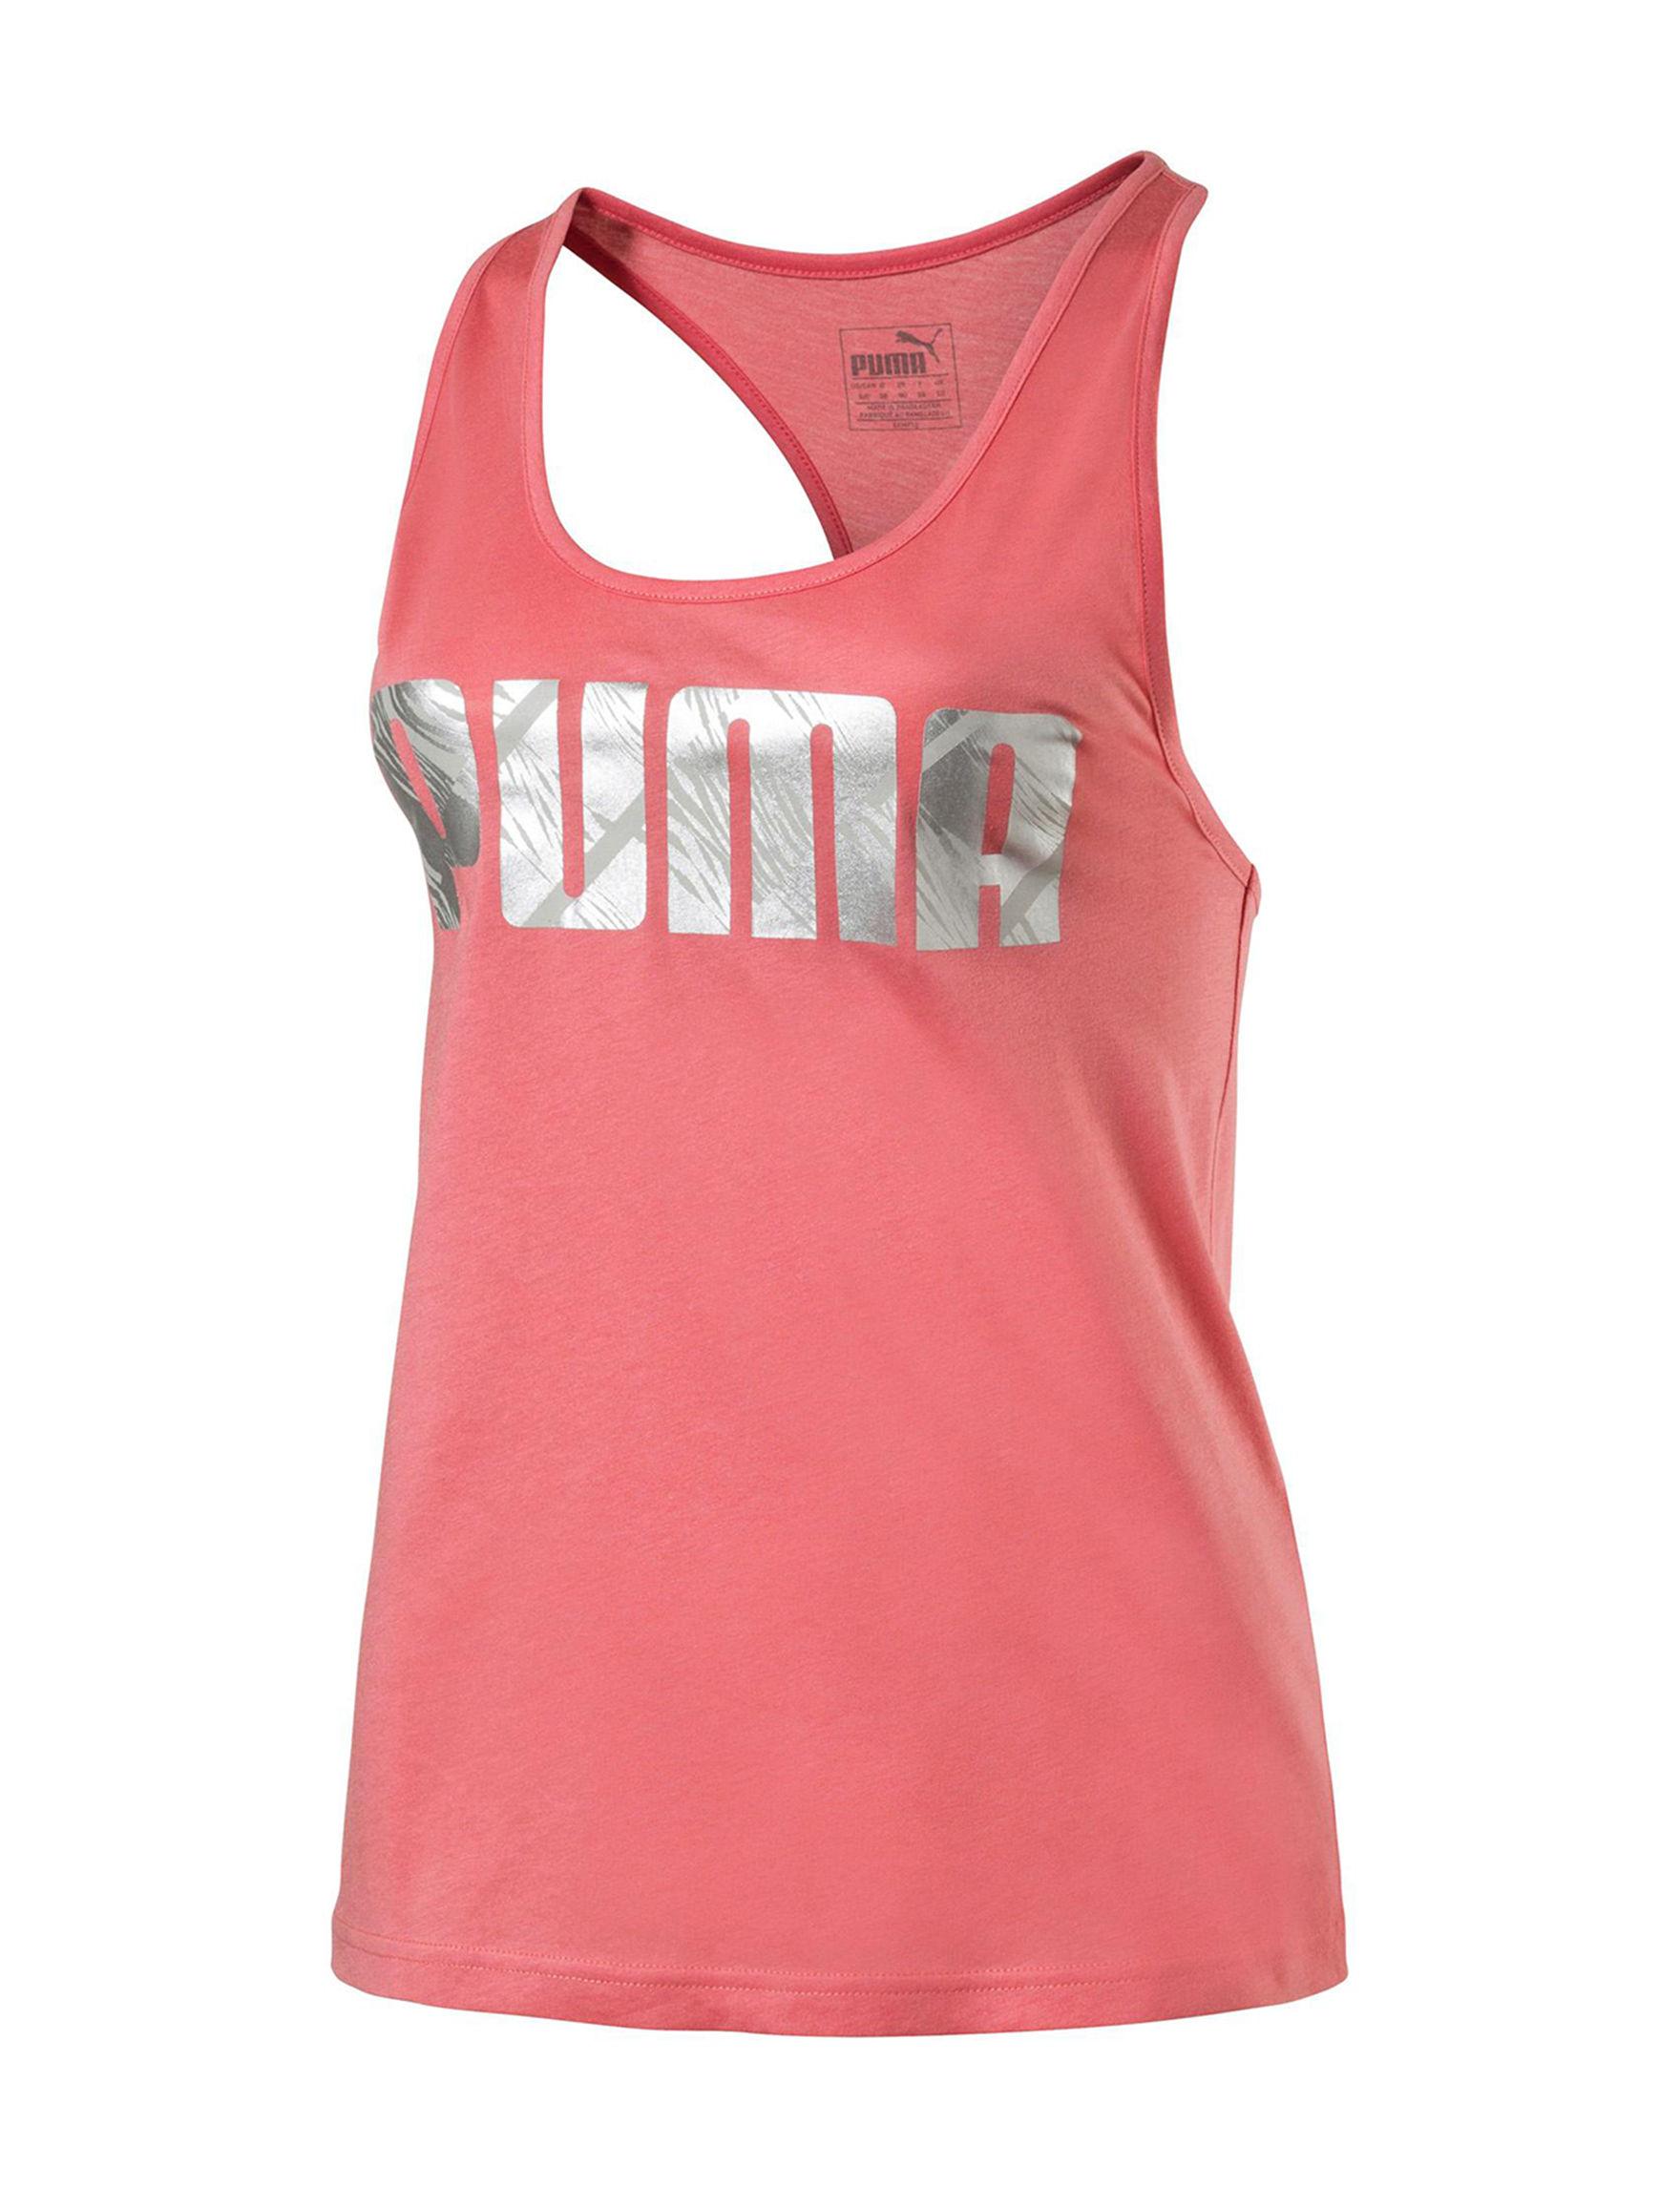 Puma Pink Tees & Tanks